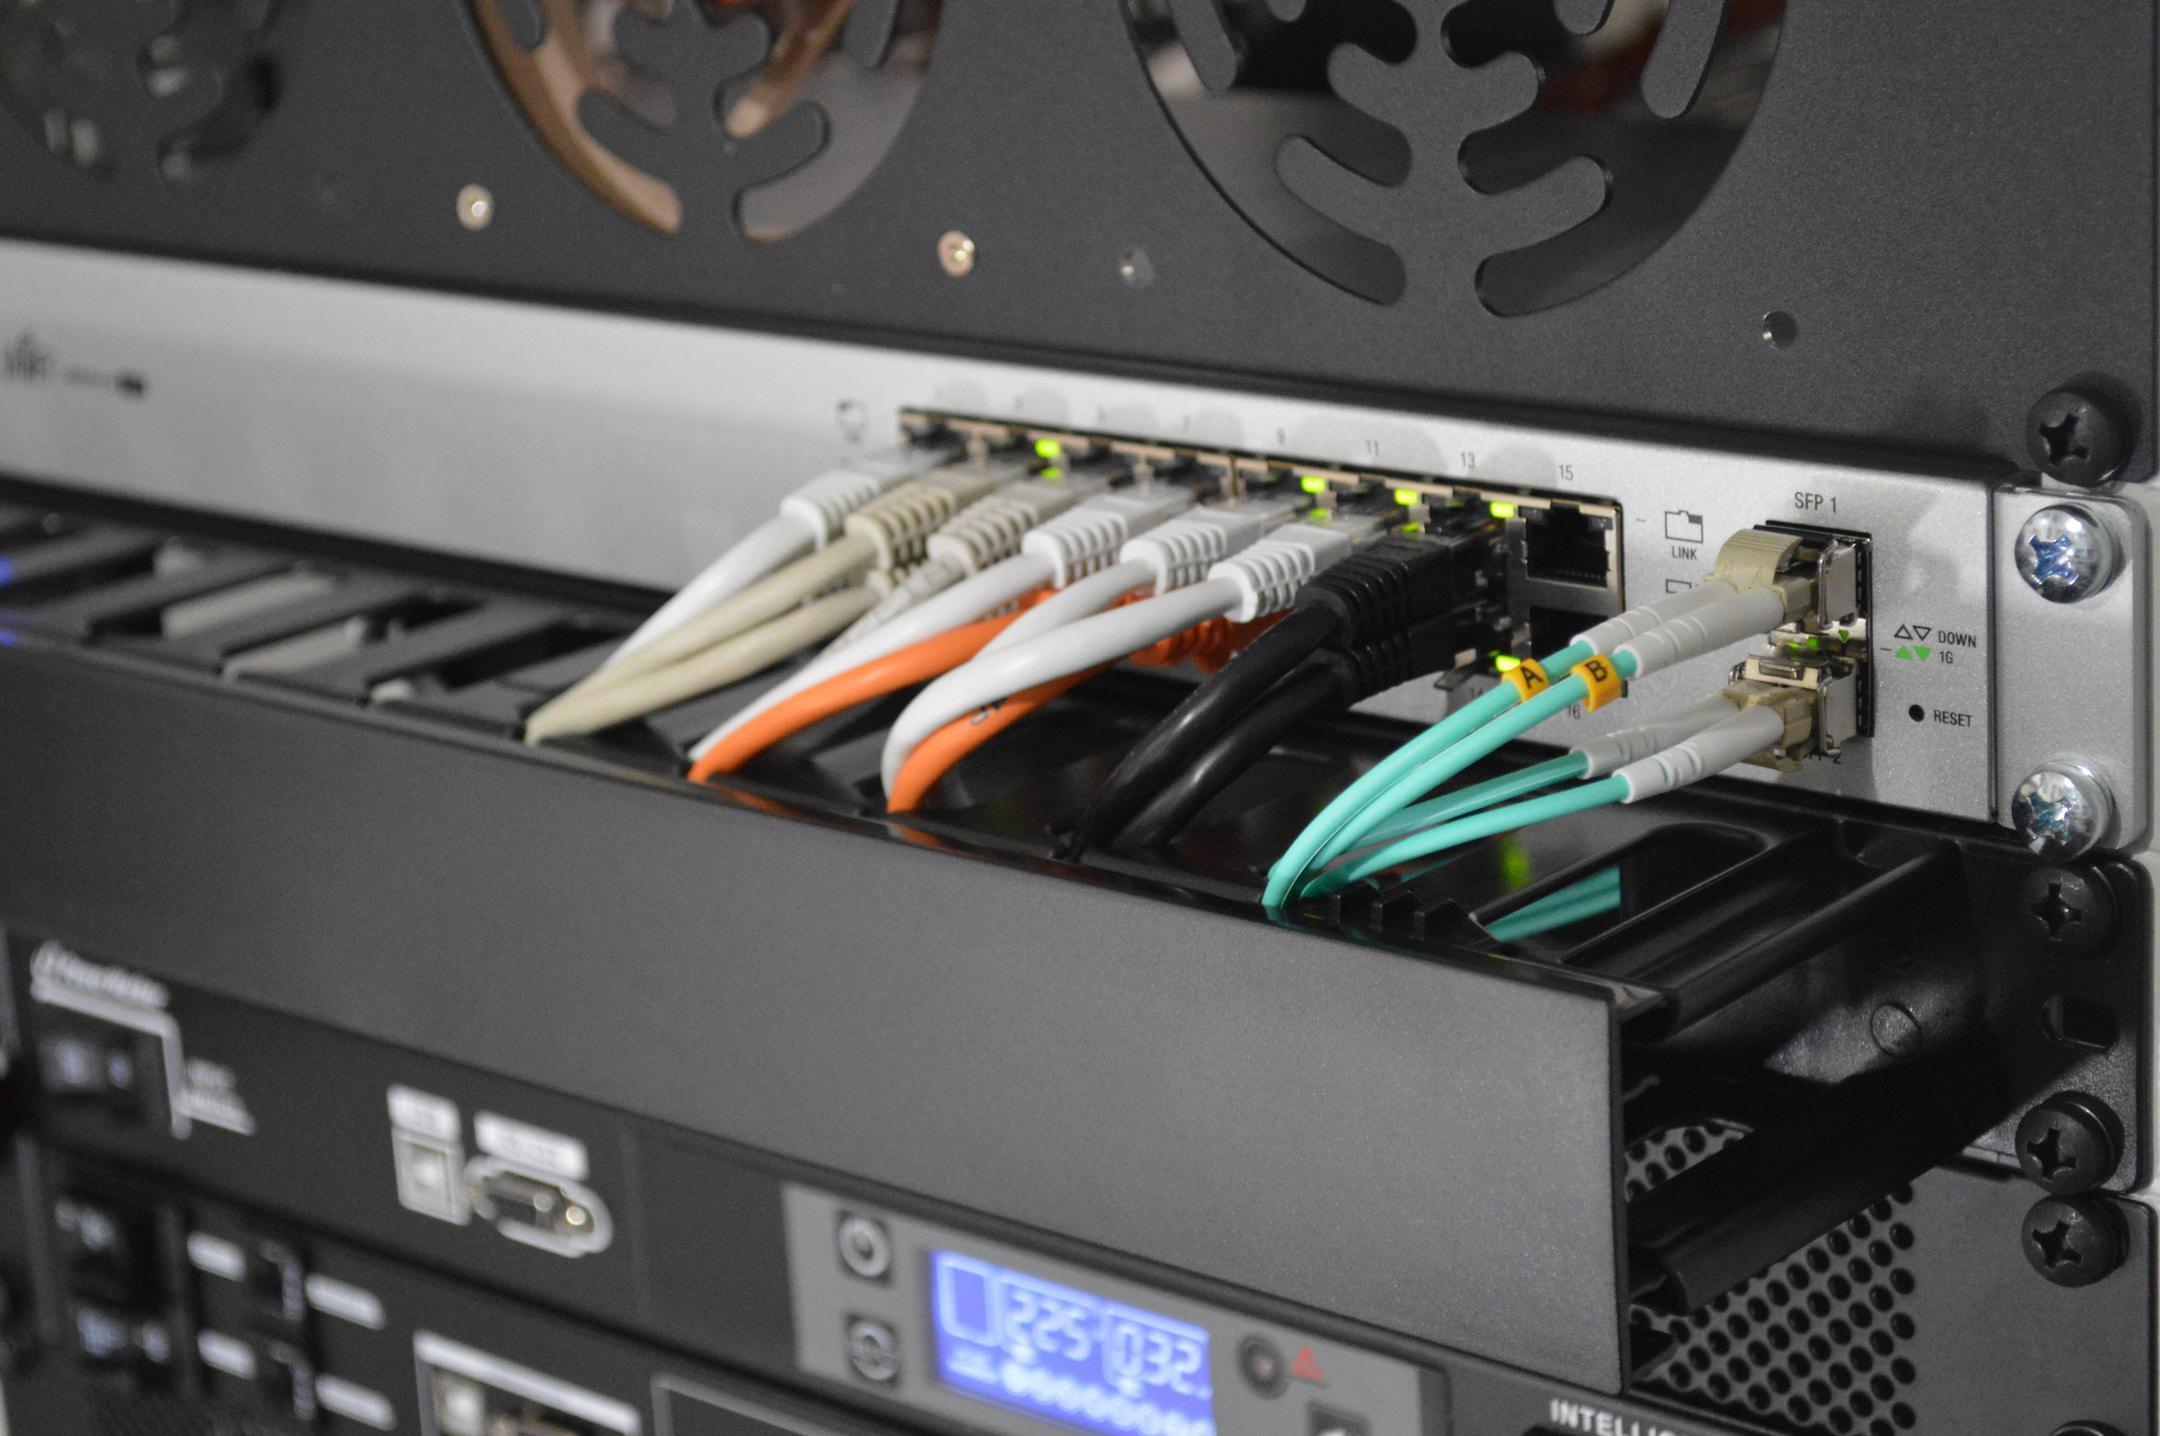 cyber security bohemia, ny